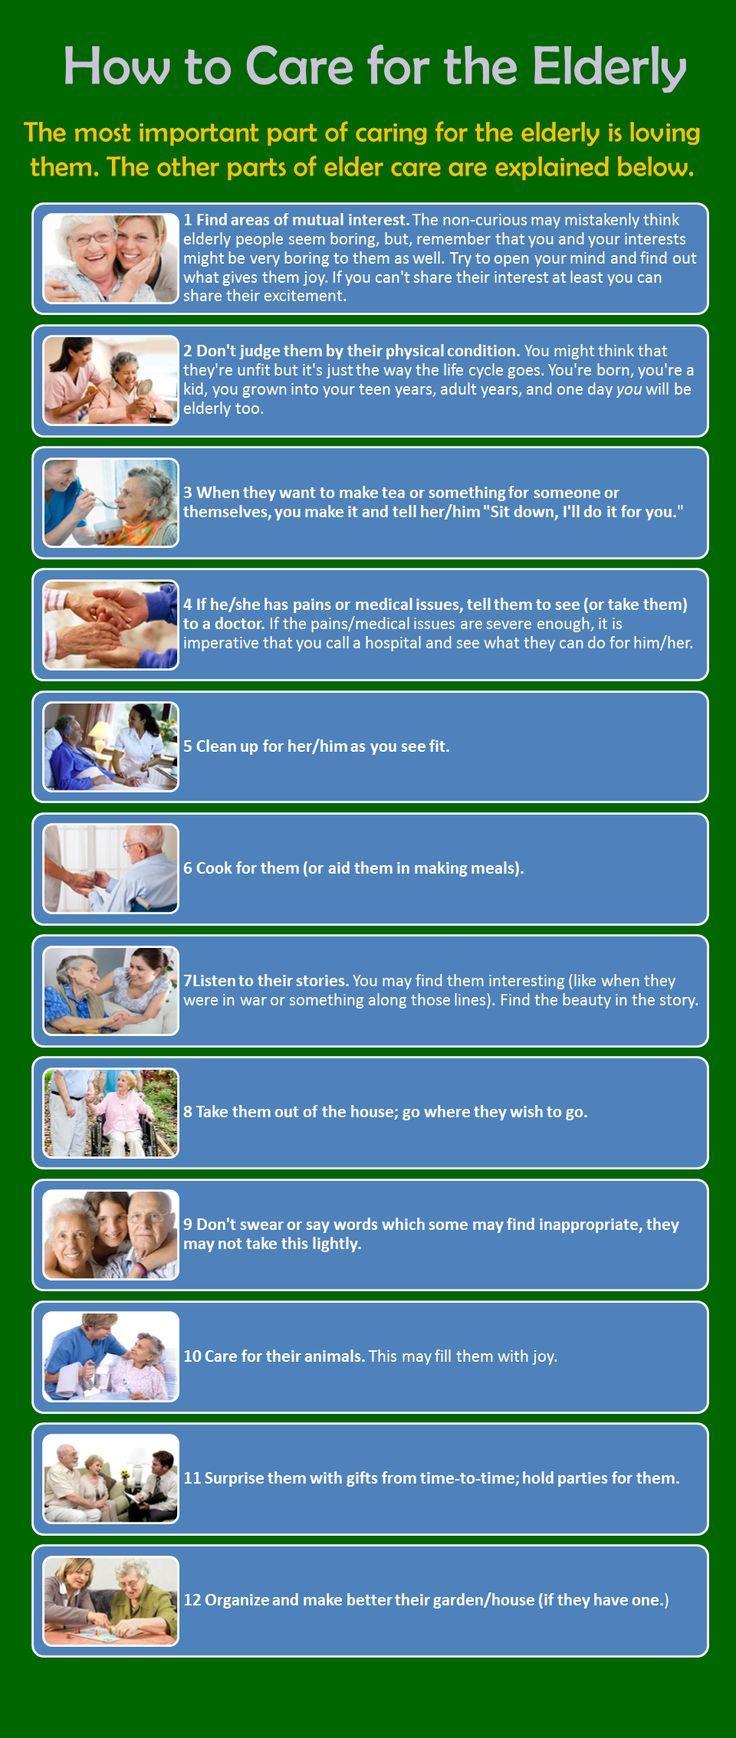 How to Care for the Elderly infographic | | www.CareAdvantageInc.com